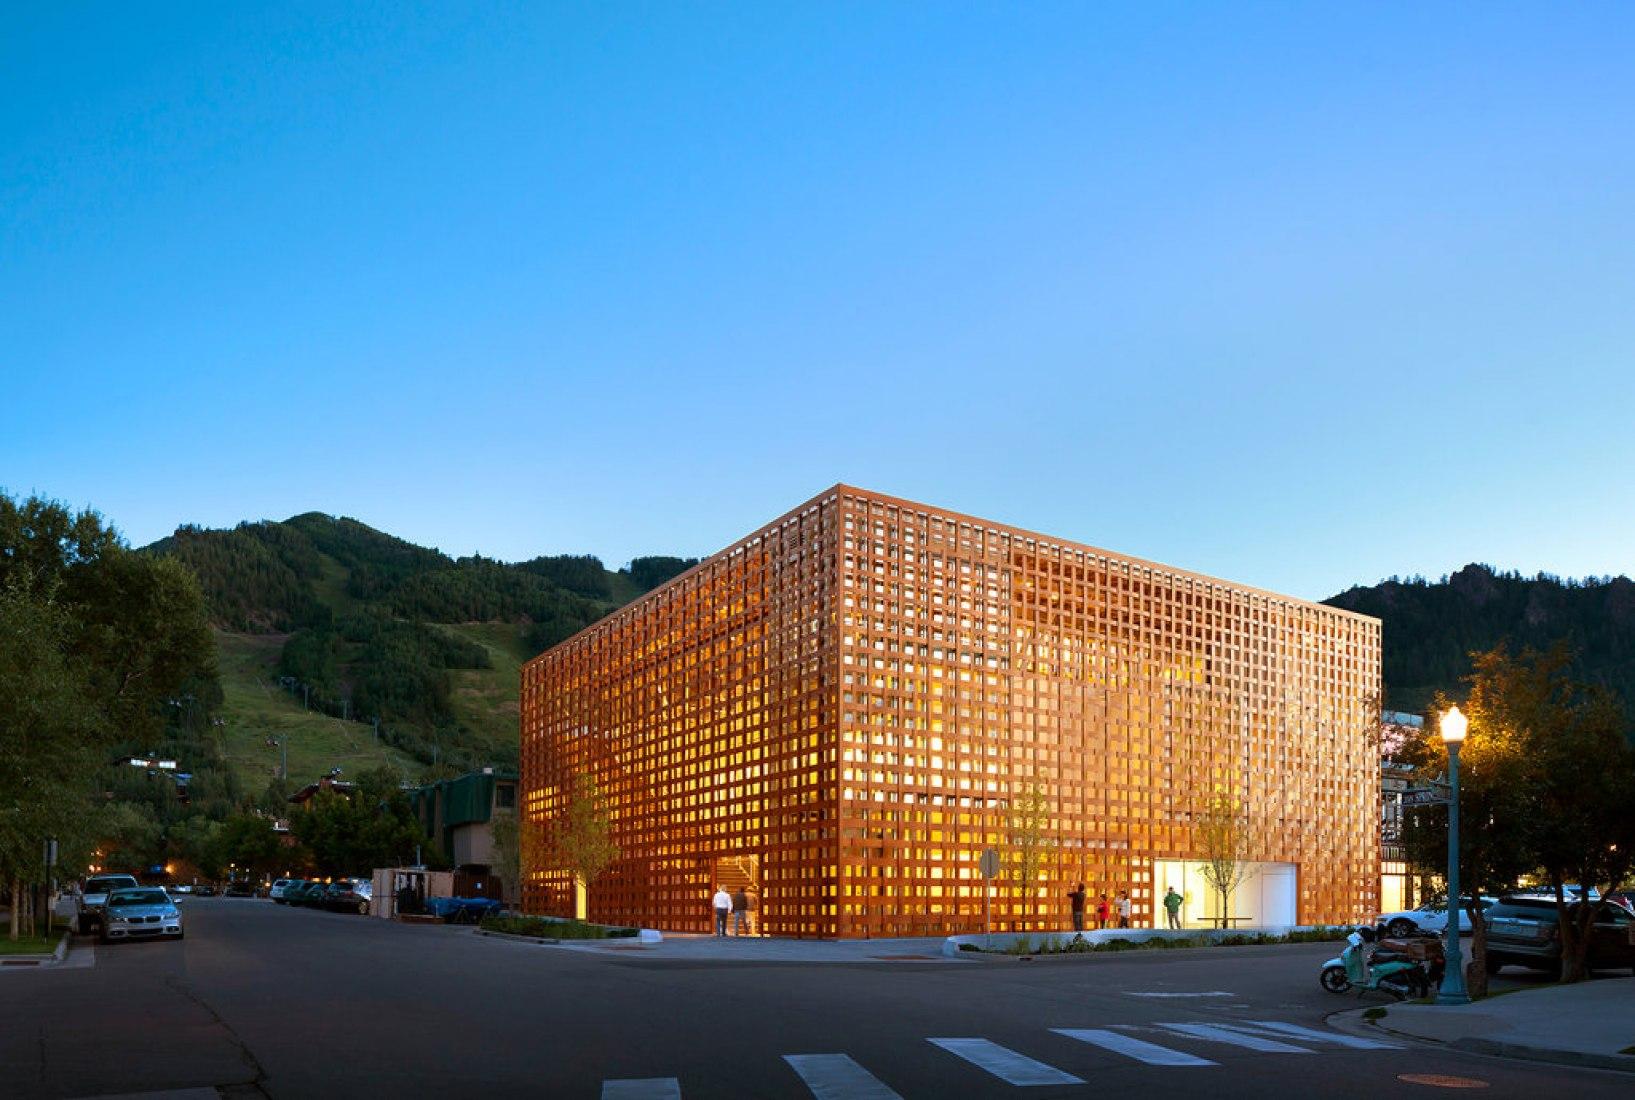 Visión exterior de la fachada. Nuevo Museo de Arte de Aspen por Shigeru Ban. Fotografía © David X Prutting/AAM.